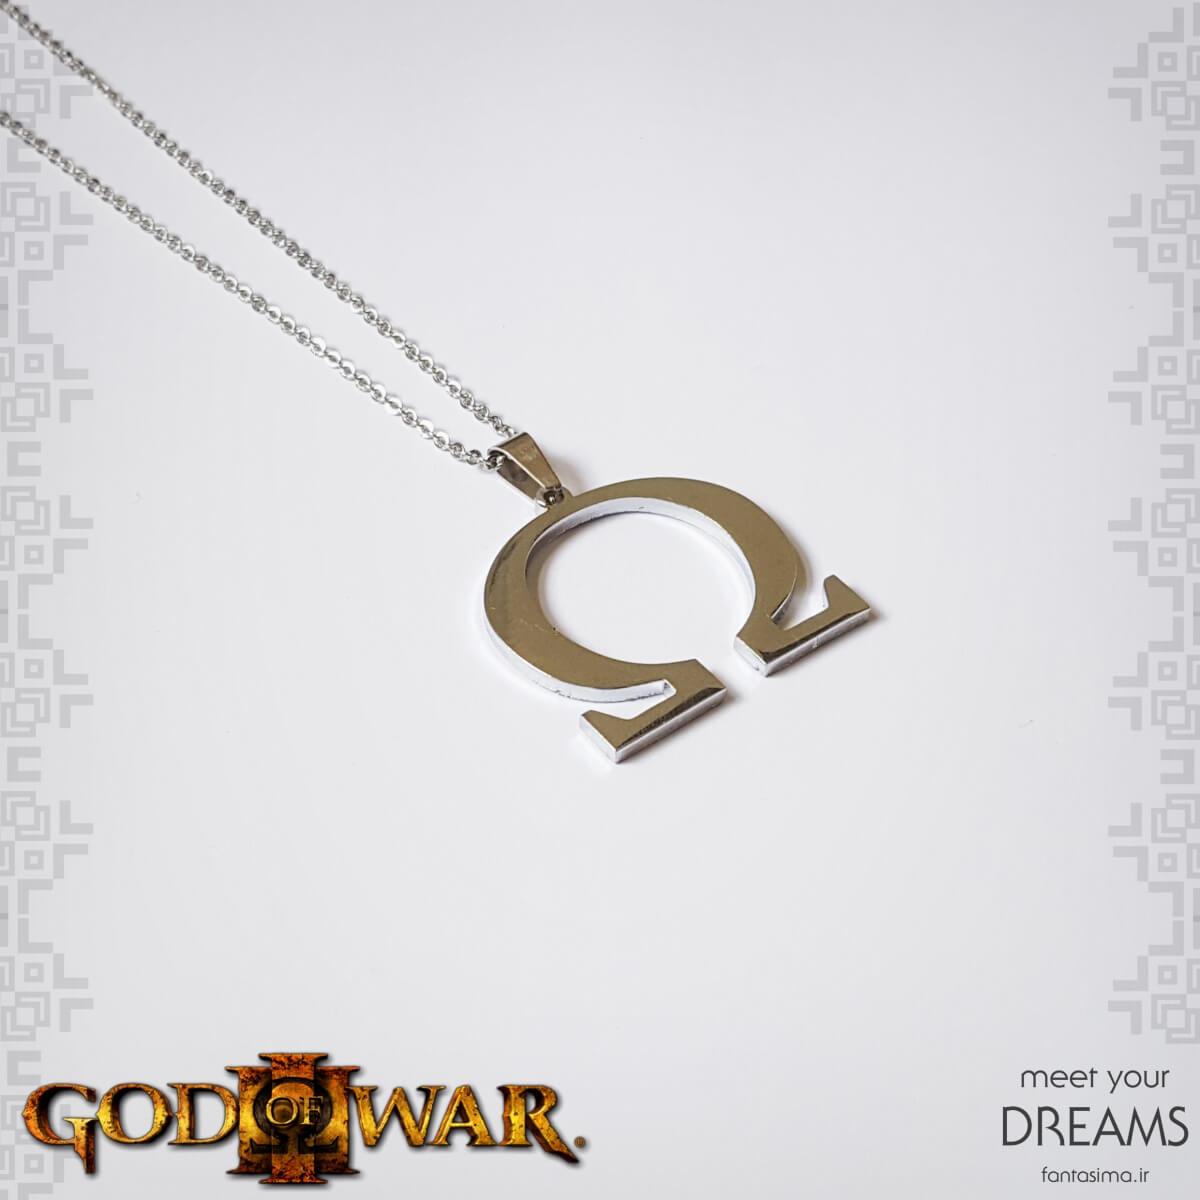 گردنبند نماد خدای جنگ